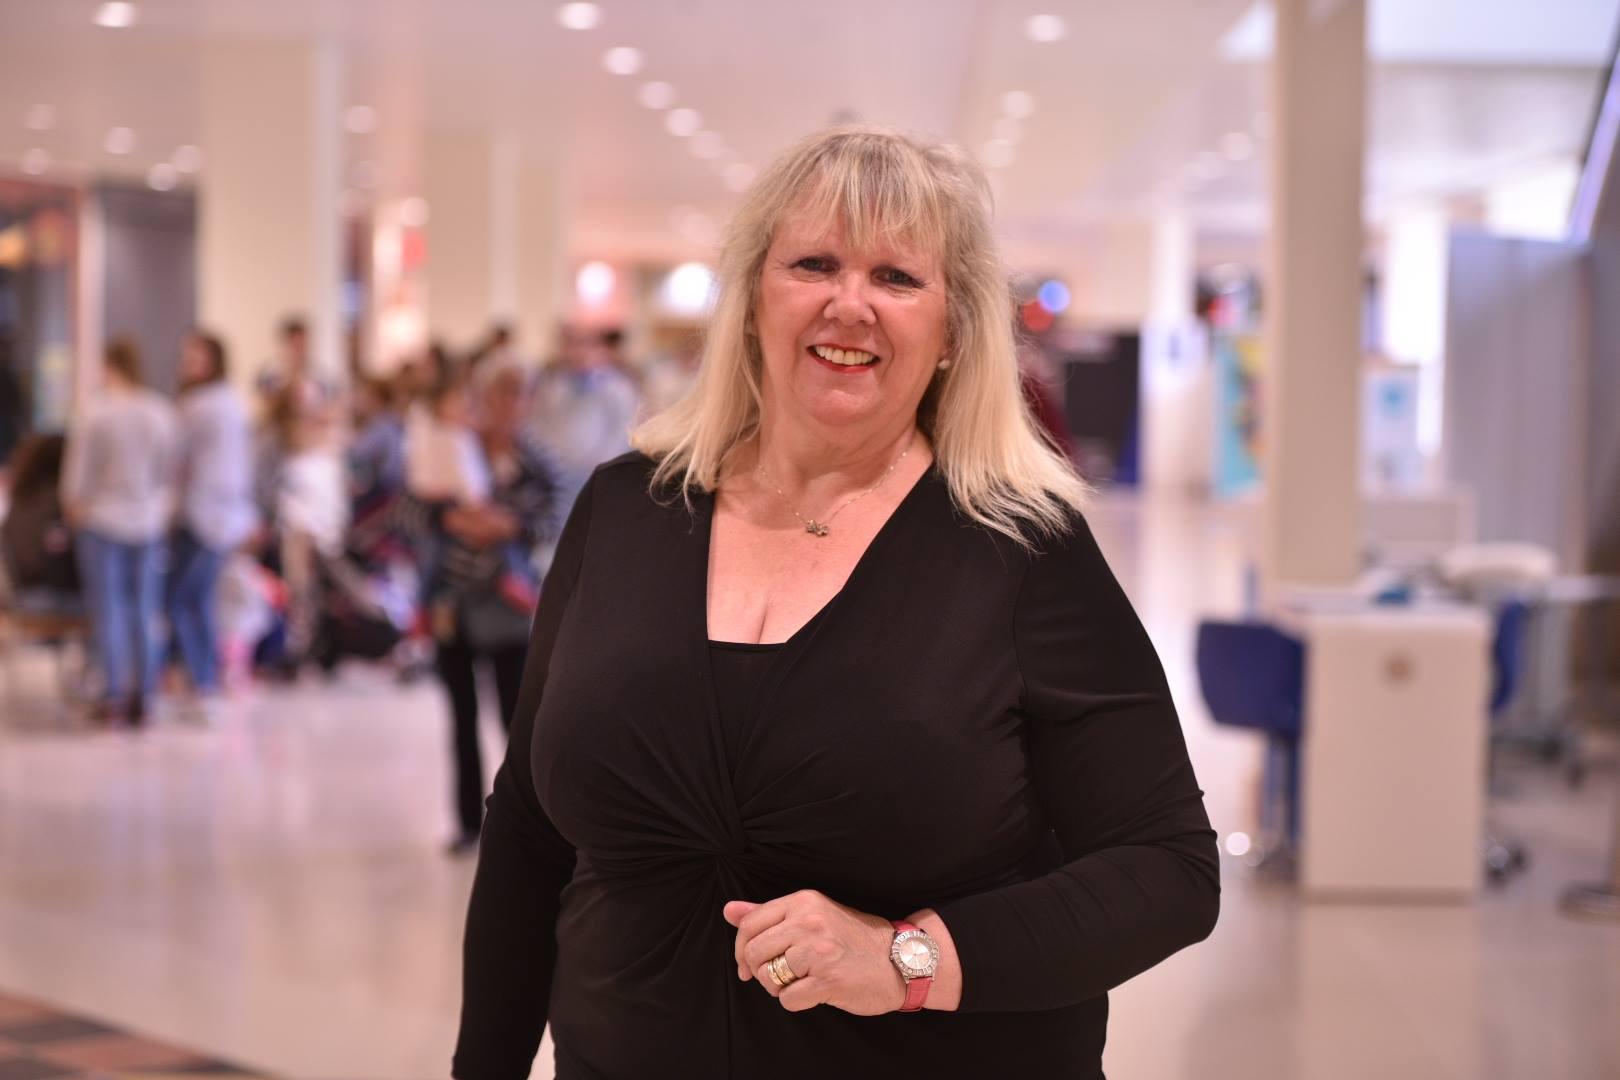 Singer Elaine Parker, 65.Photo: Steve Smailes for The Lincolnite